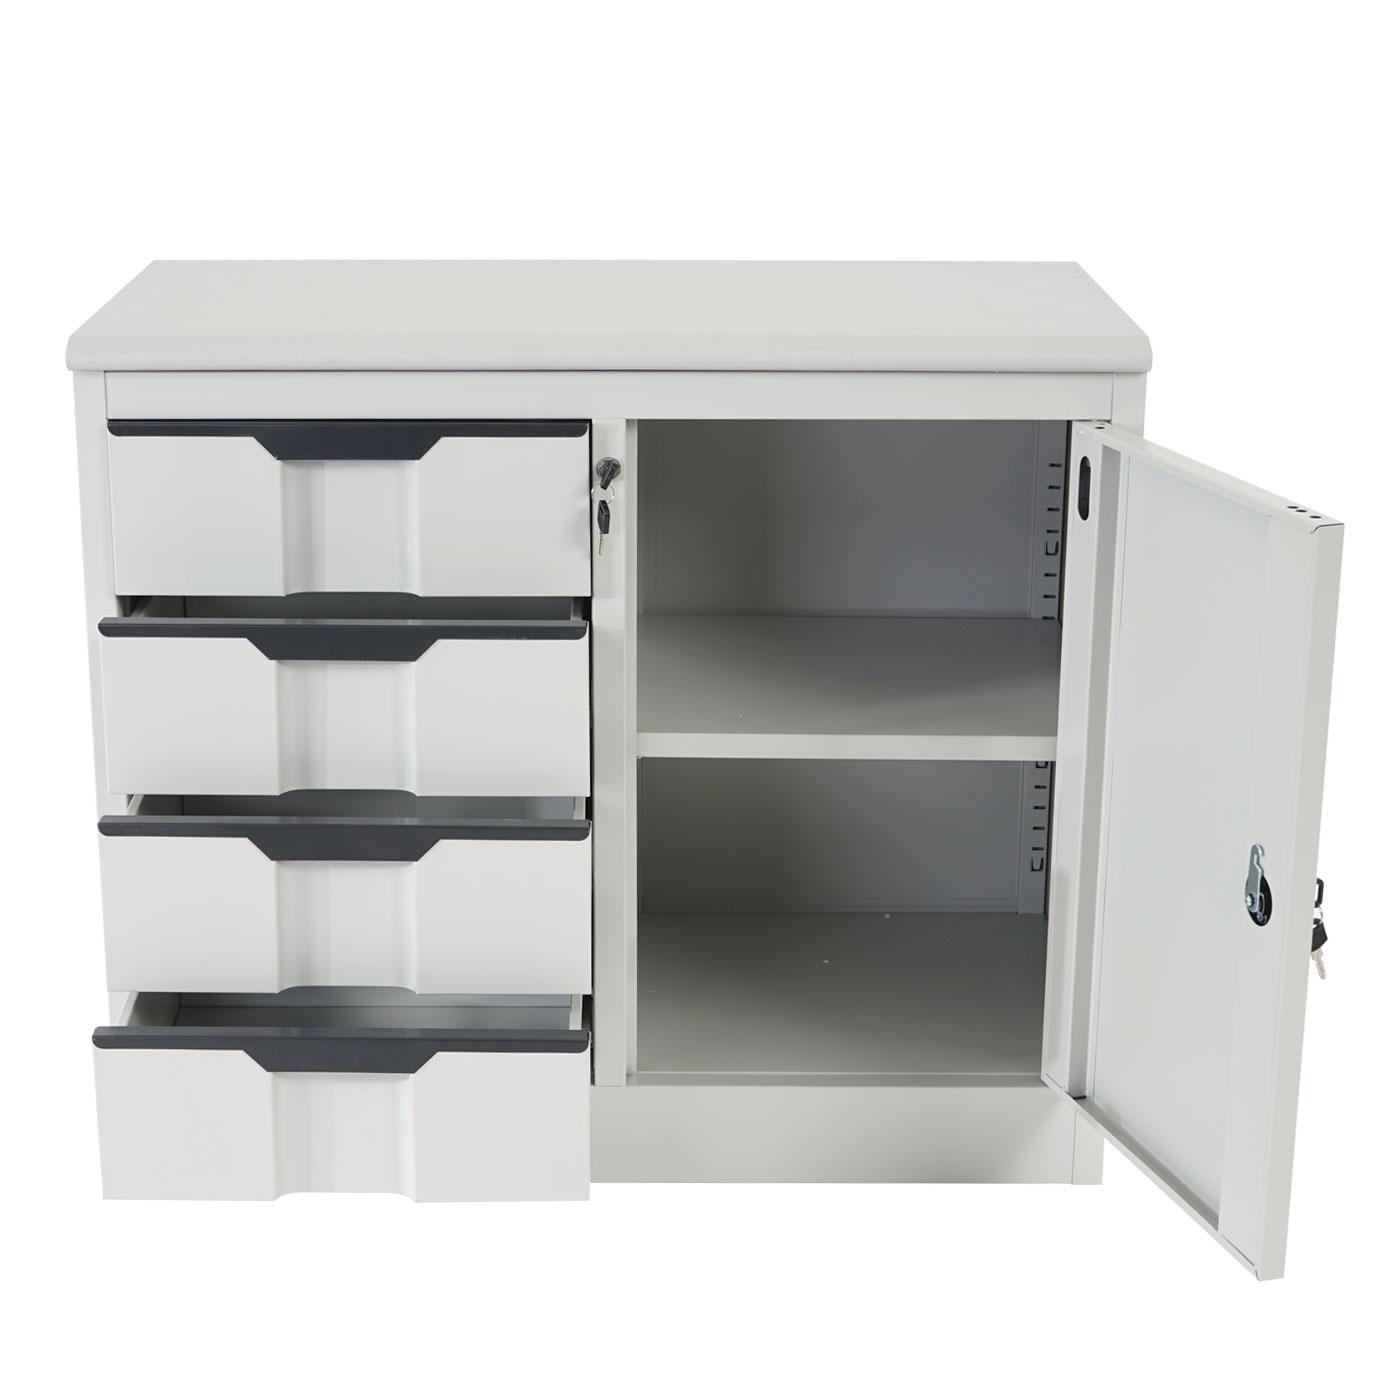 aktenschrank boston t310 b roschrank metallschrank 4 schubladen t r 70x80x42cm 4052826159901. Black Bedroom Furniture Sets. Home Design Ideas